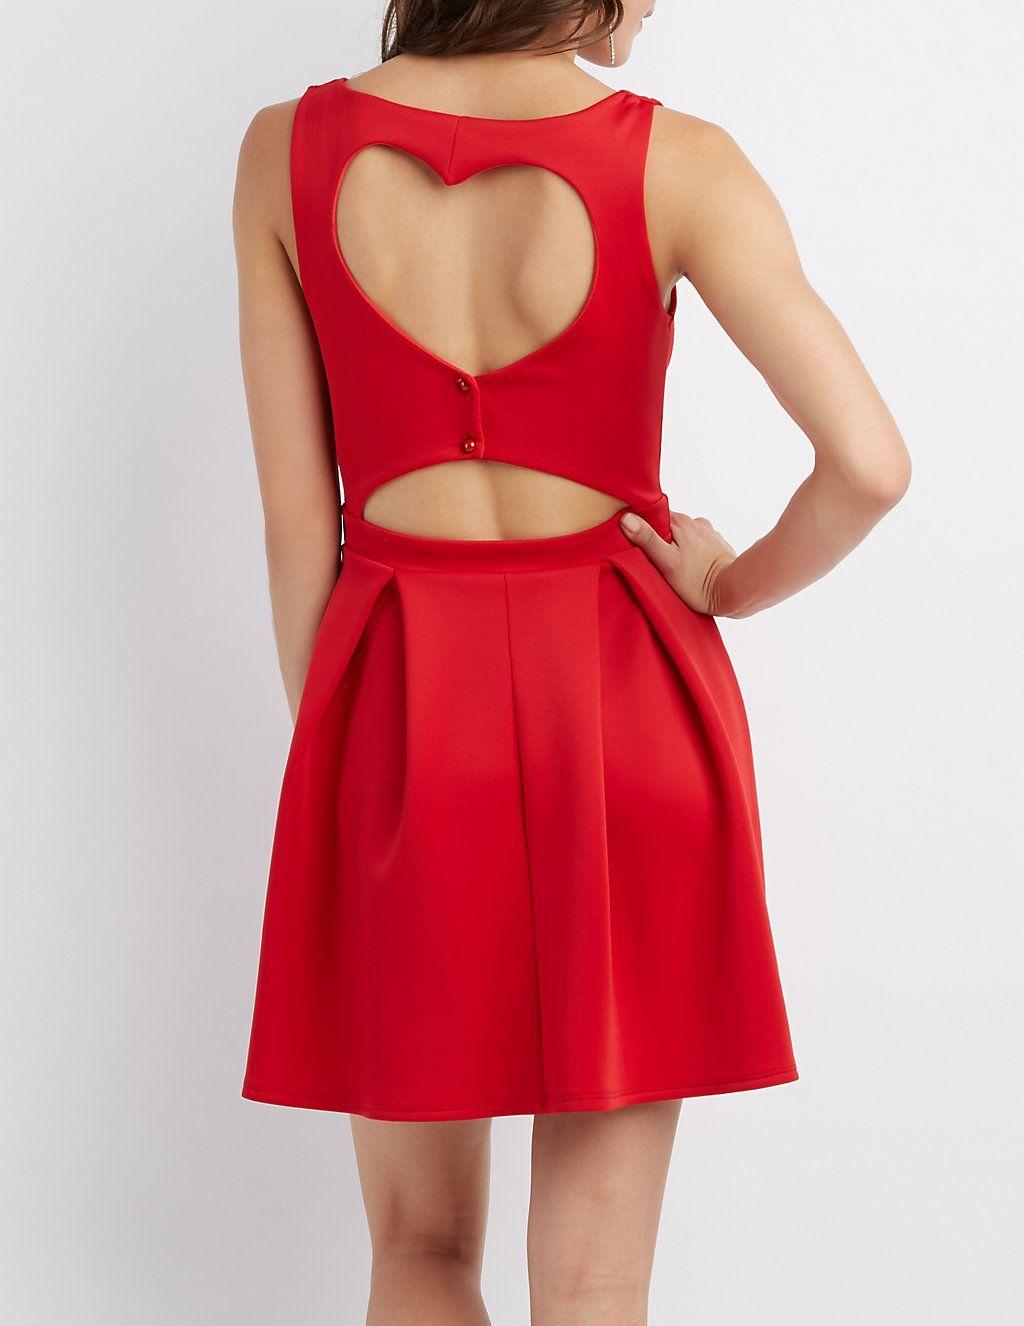 b24b54ecd62 Heart Cut-Out Skater Dress